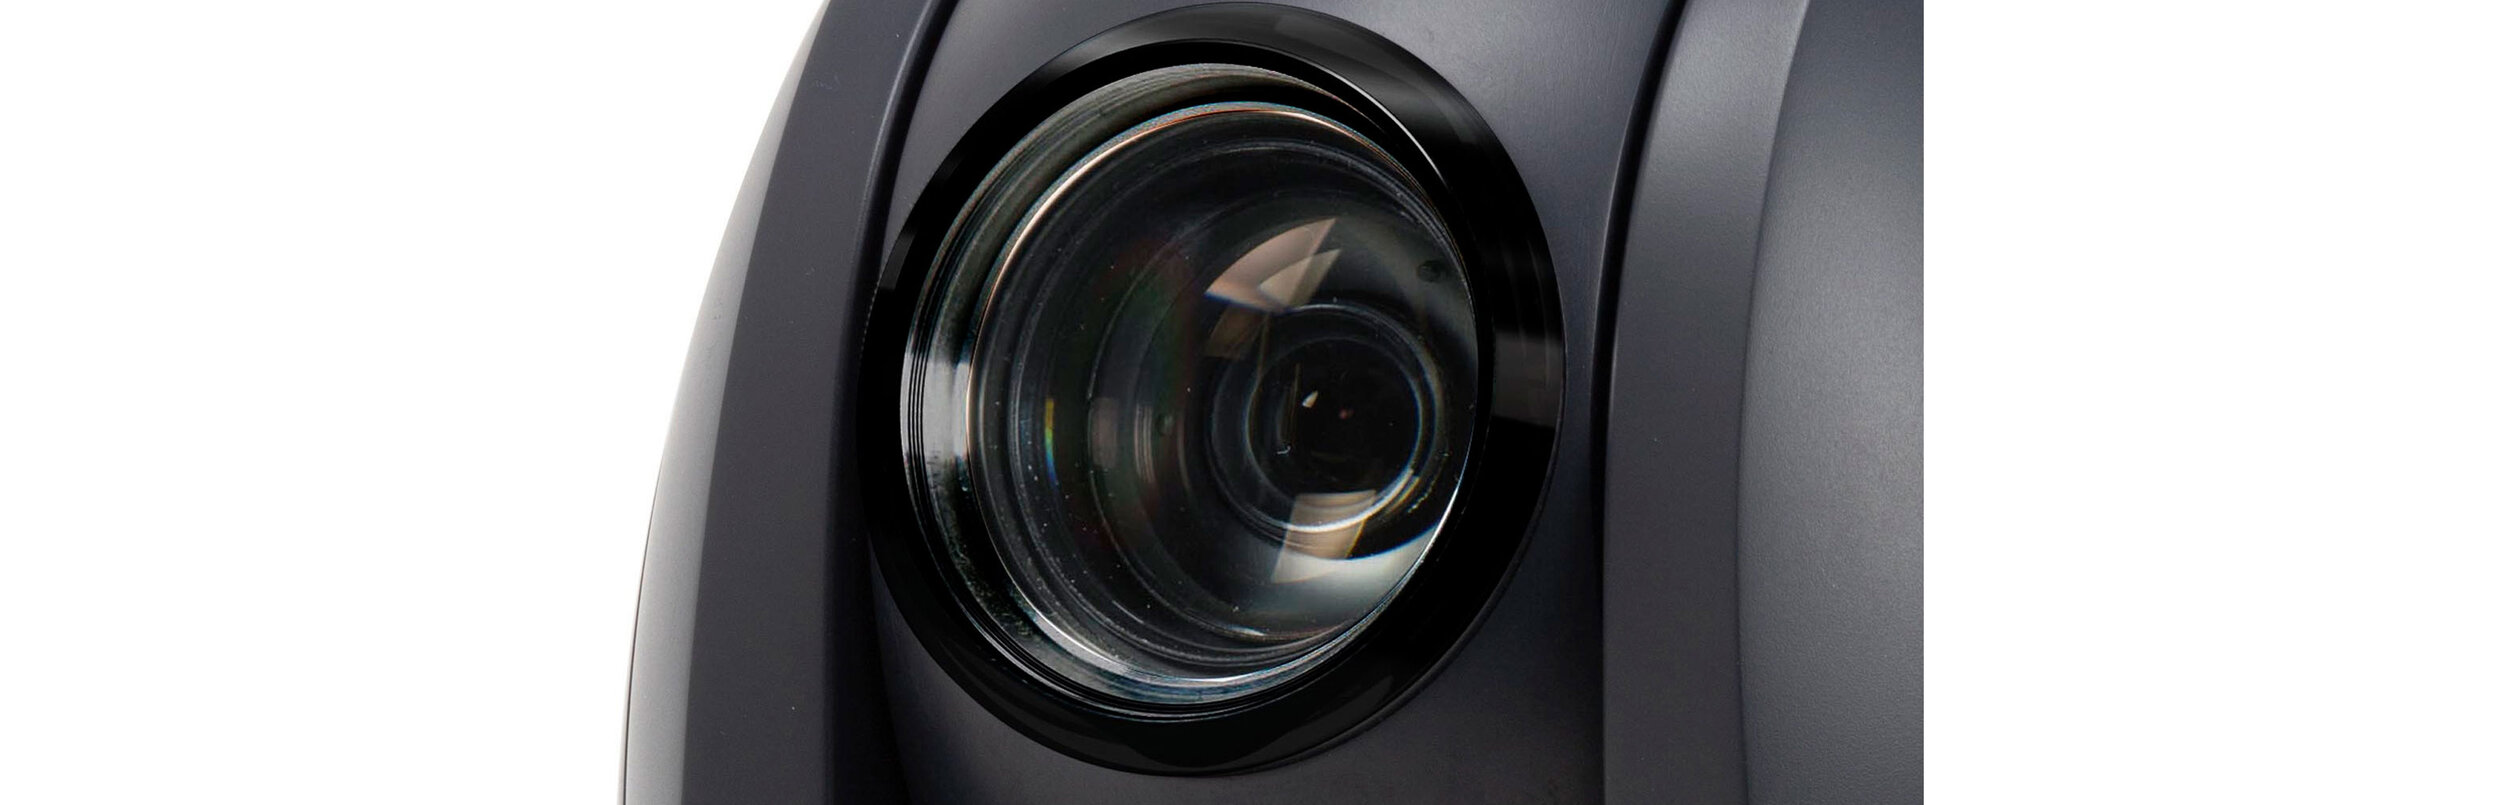 PTC-140-Lens.jpg